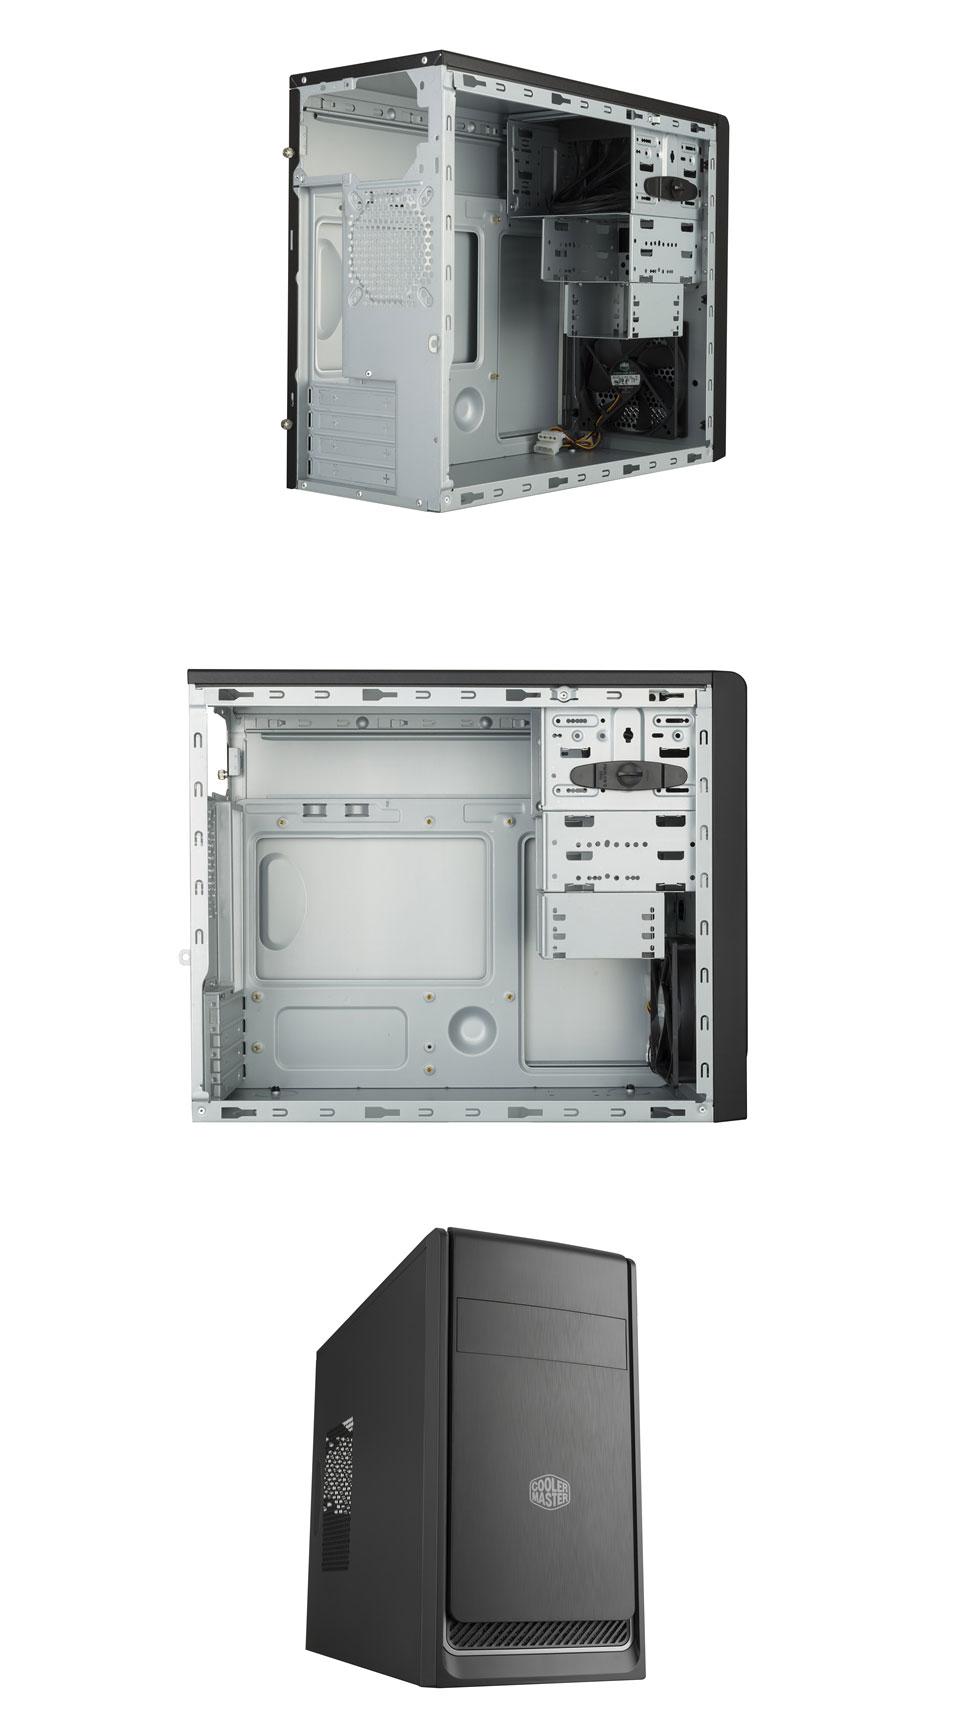 mcb-e300l-kn5t42-b02-l1.jpg